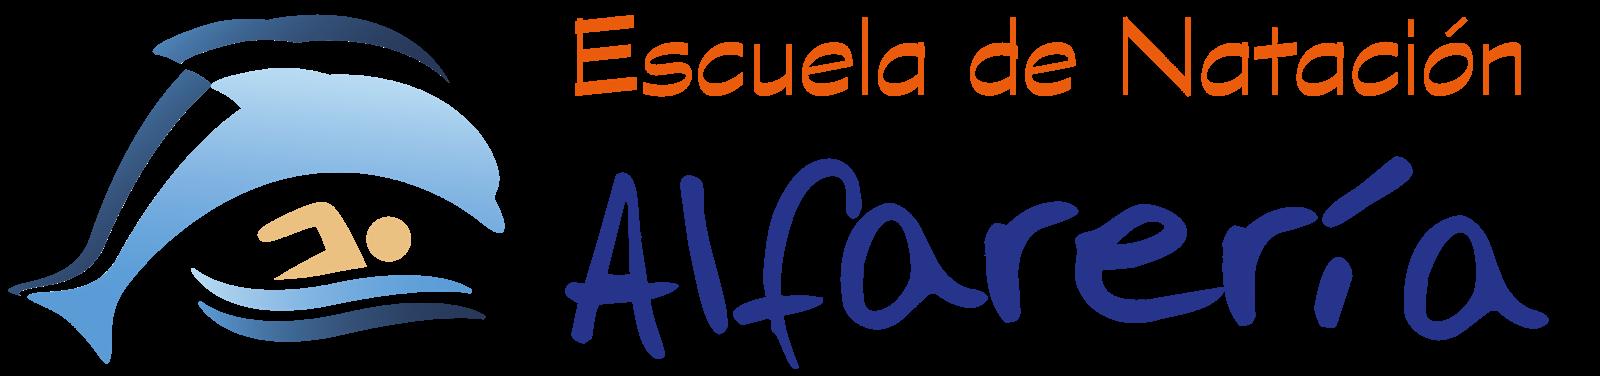 Escuela Natación Alfarería